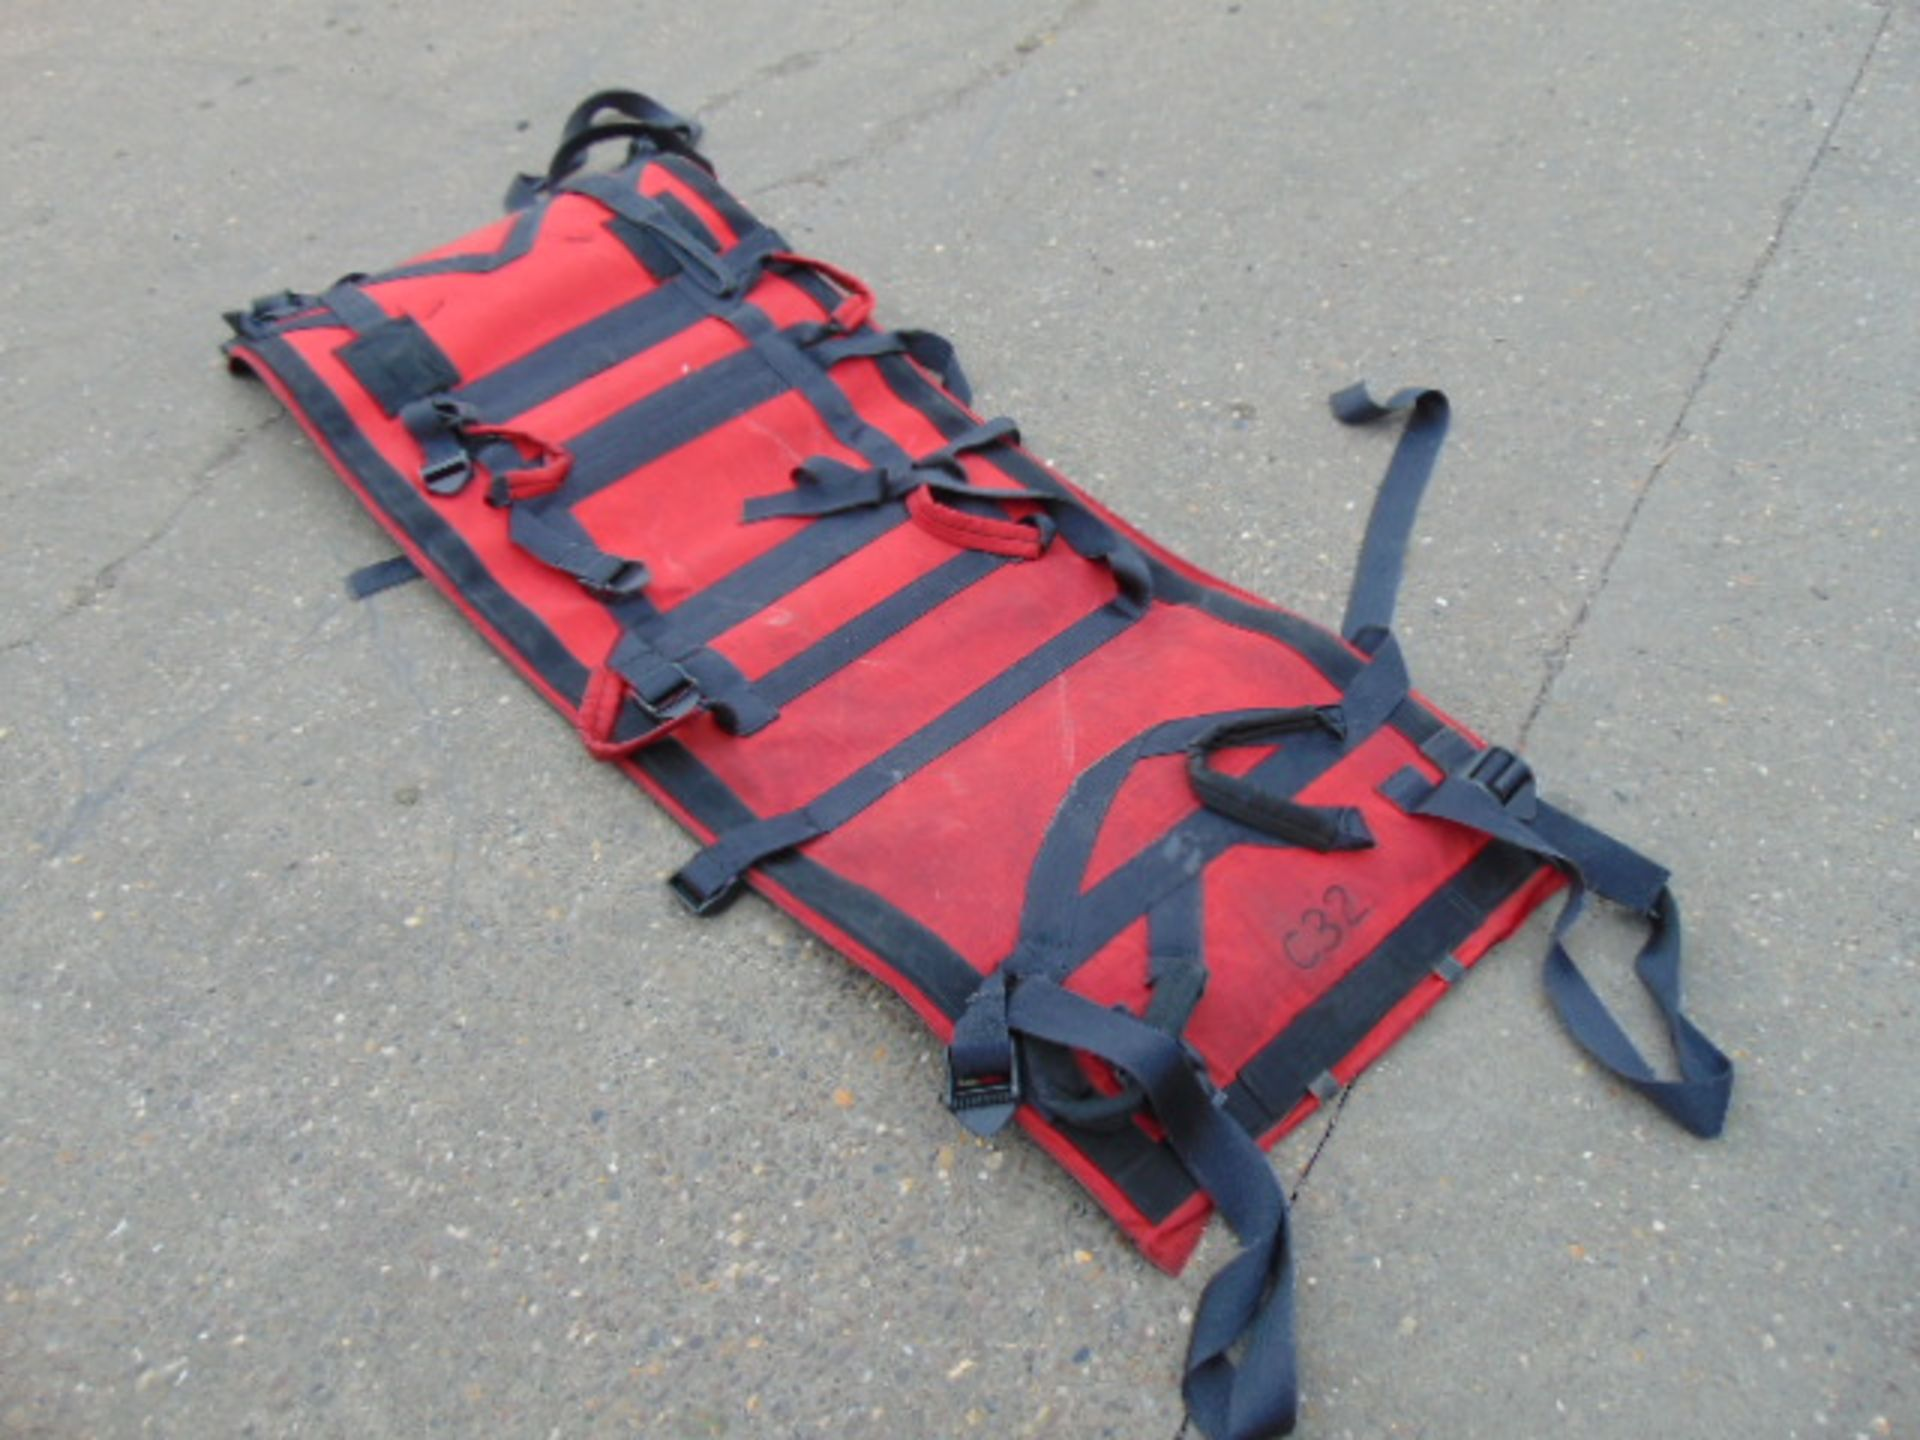 QTY 4 x MIBS stretchers (Multi-integrated Bodysplint Stretcher) - Image 2 of 2